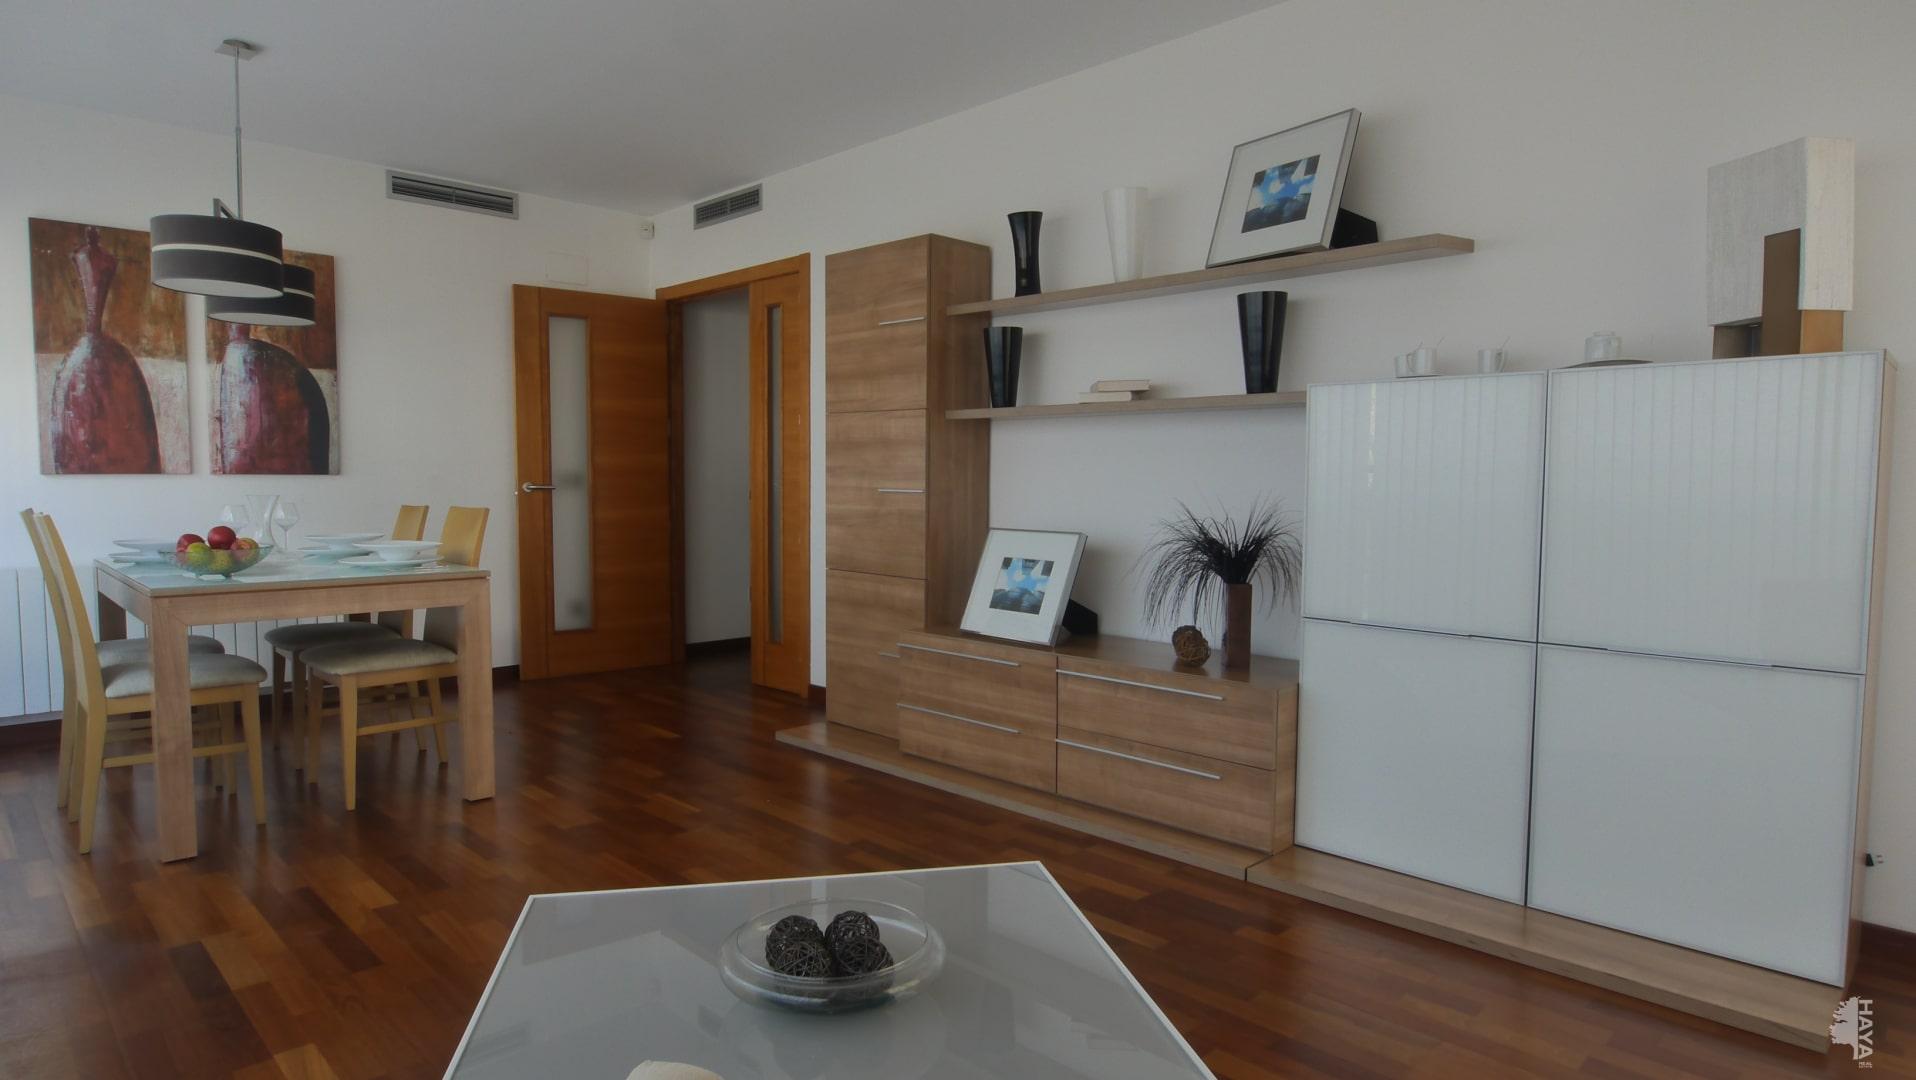 Piso en venta en Castellón de la Plana/castelló de la Plana, Castellón, Avenida Villarreal, 101.000 €, 1 habitación, 1 baño, 55 m2